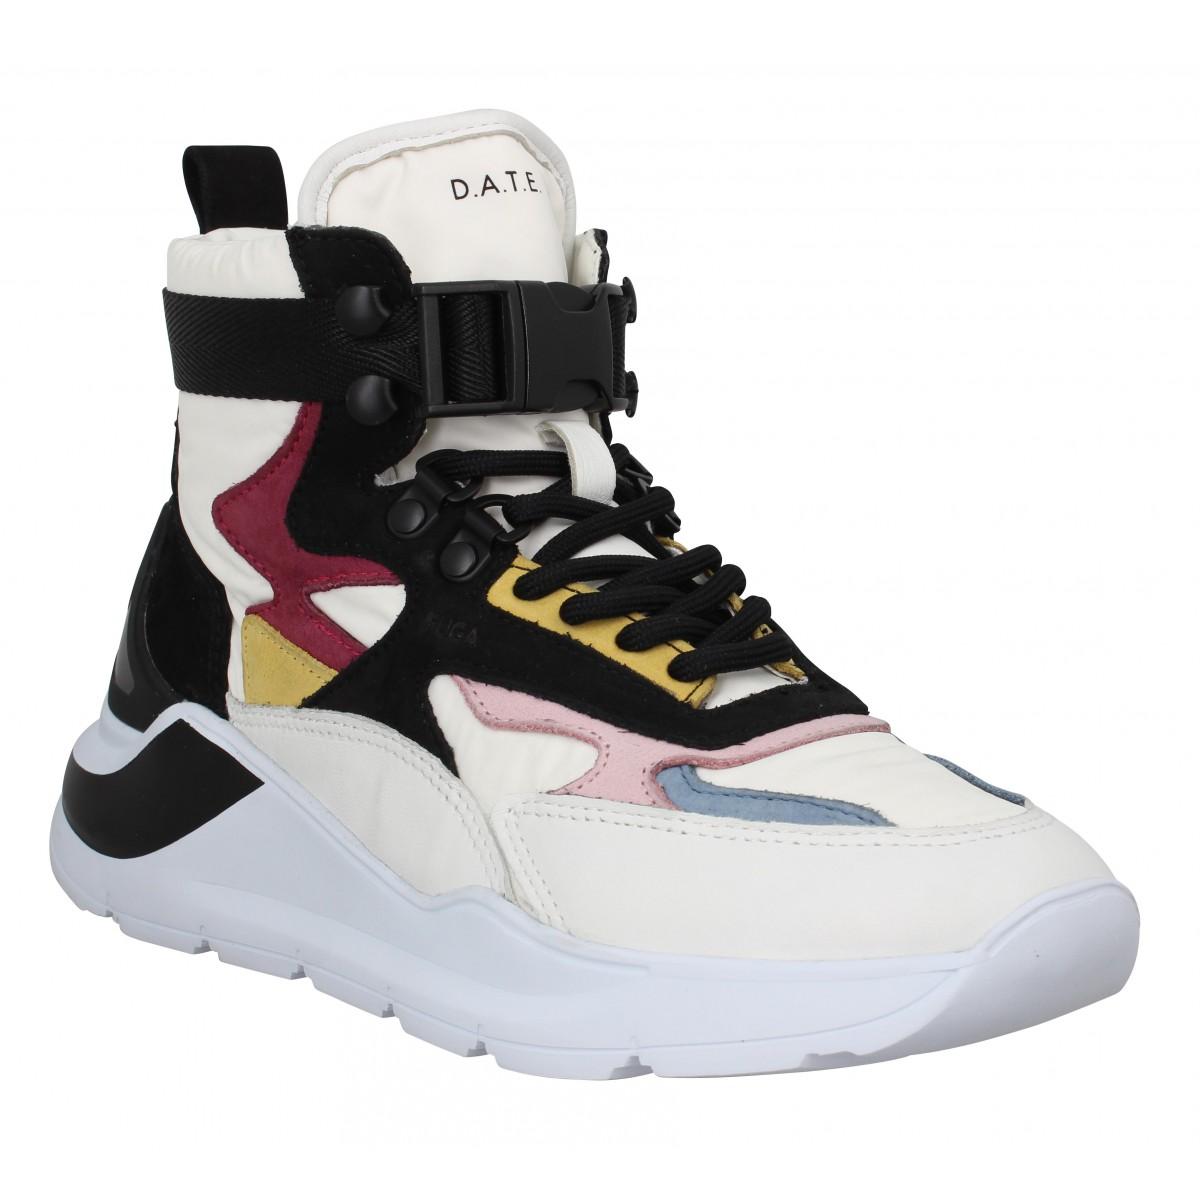 D.A.T.E Femme Date Sneakers Fuga High...